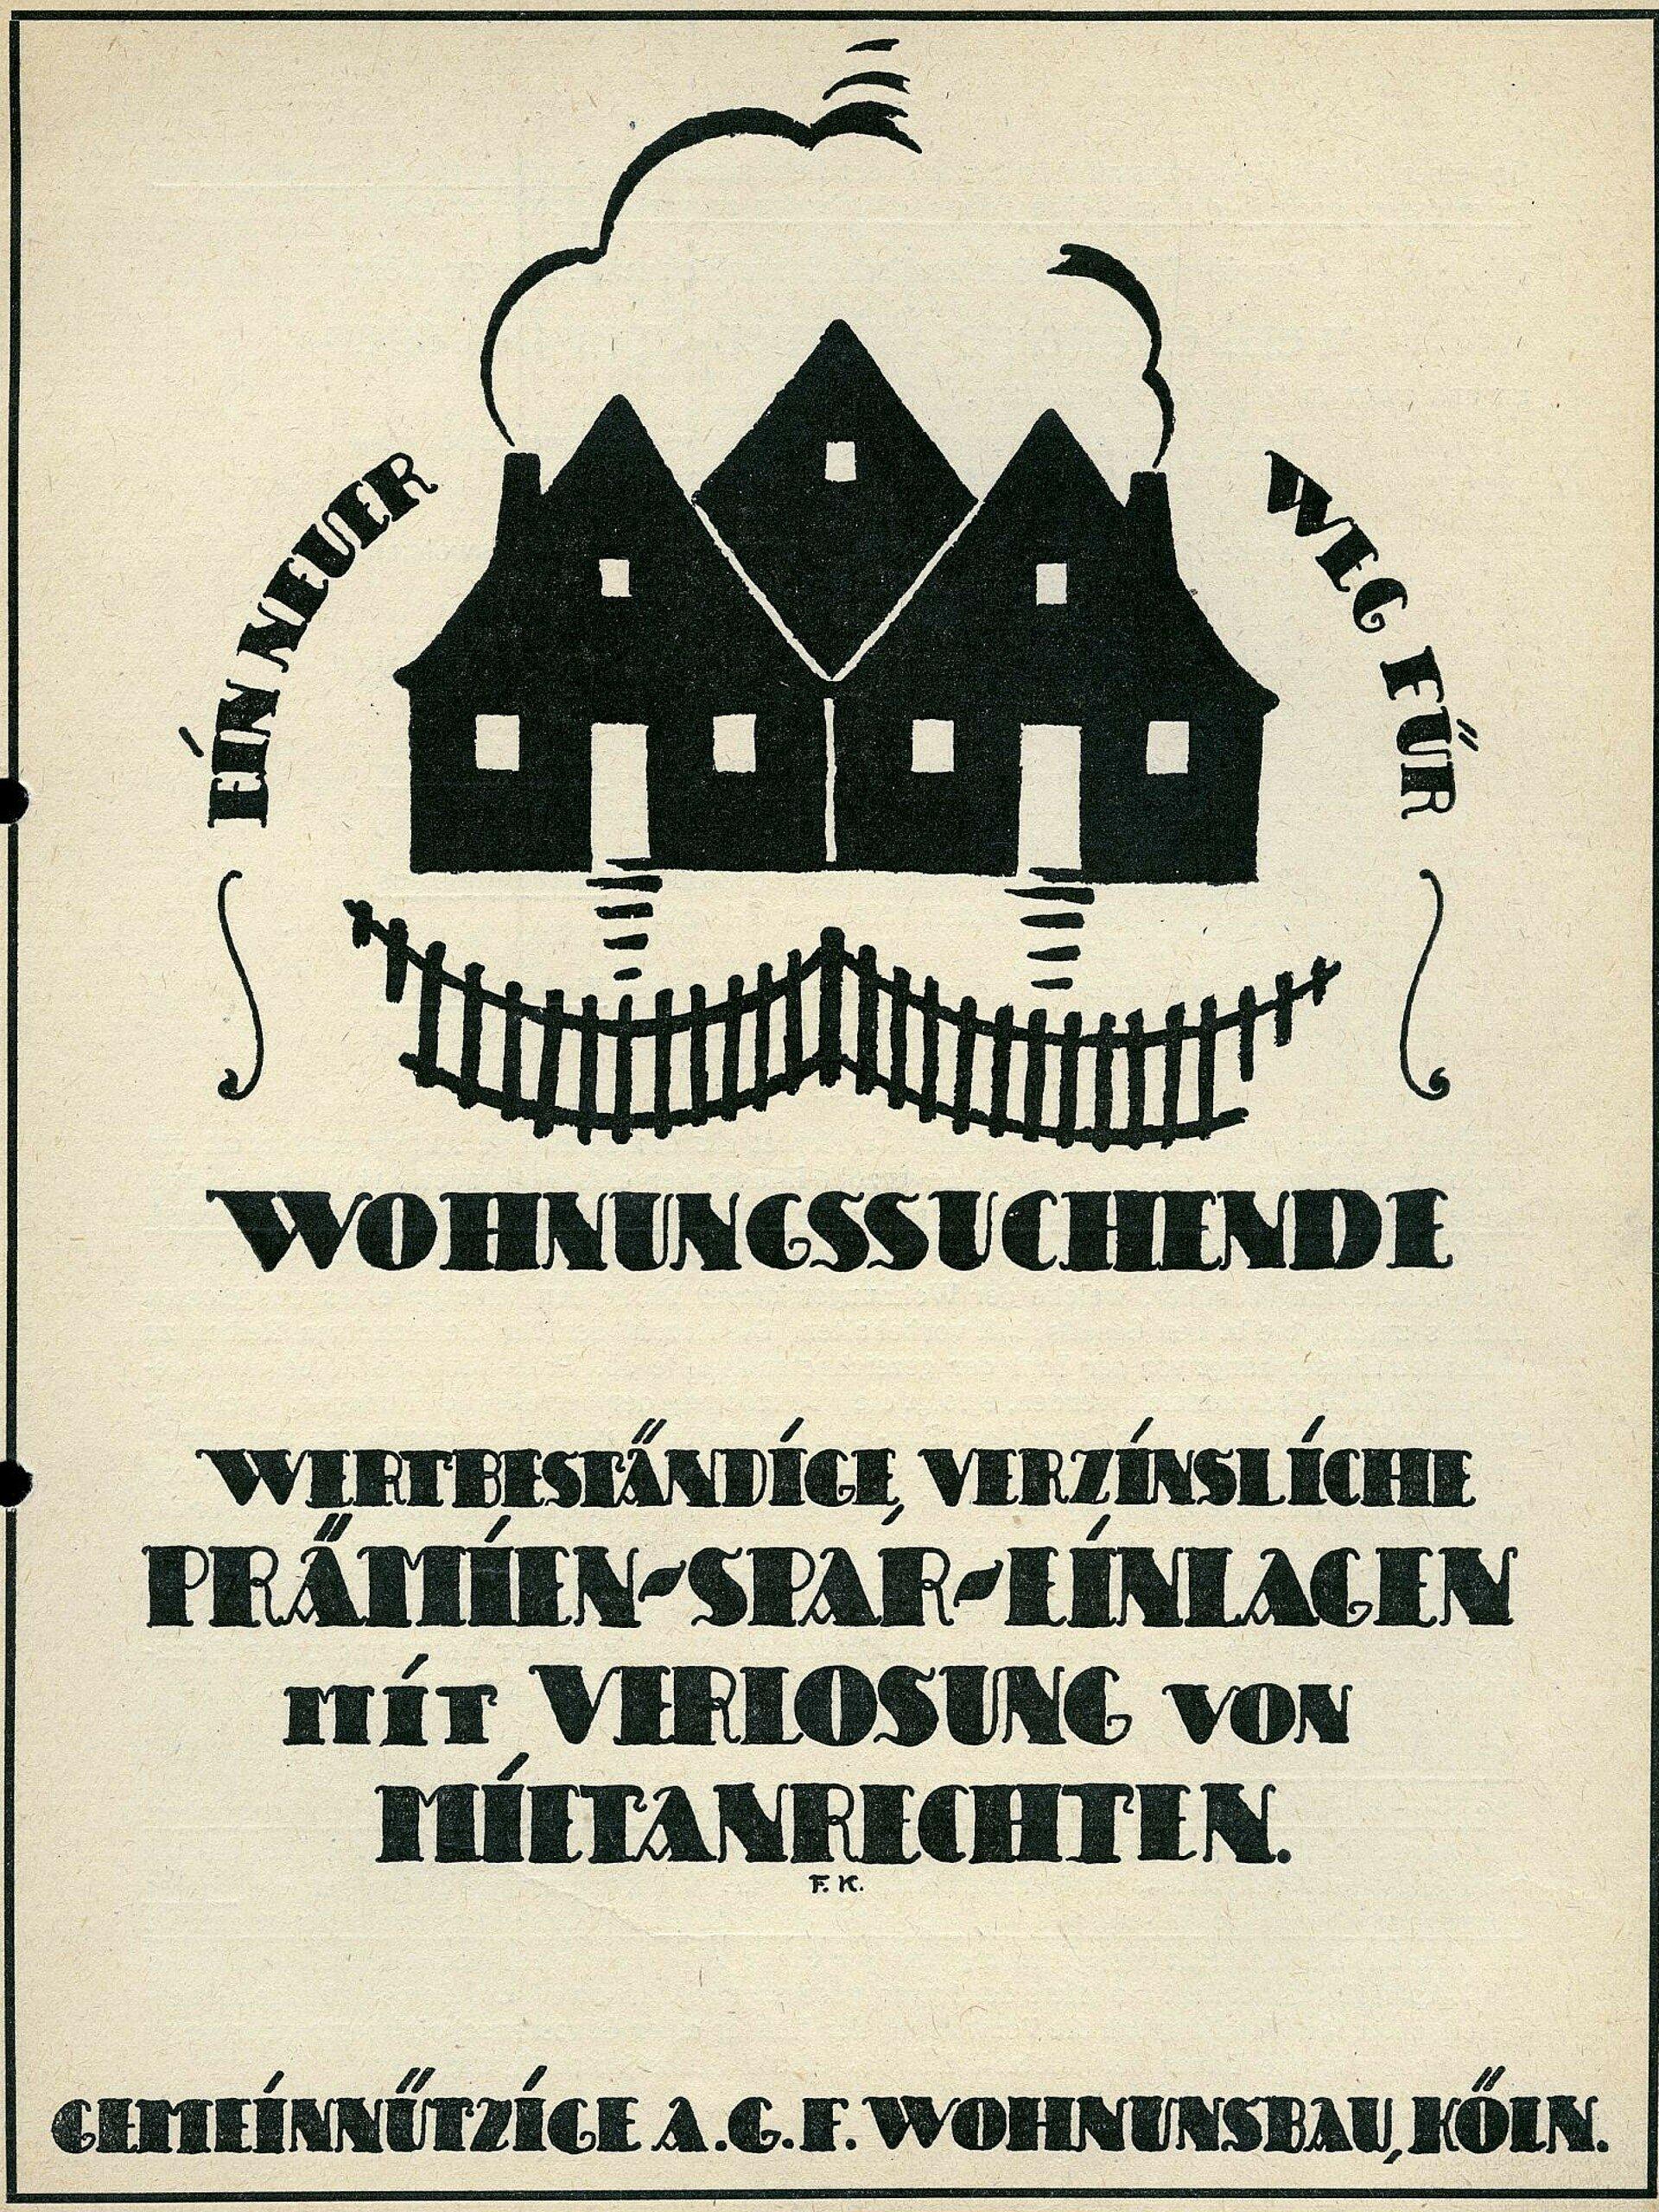 Altes Plakat von einer Kölner Genossenschaft